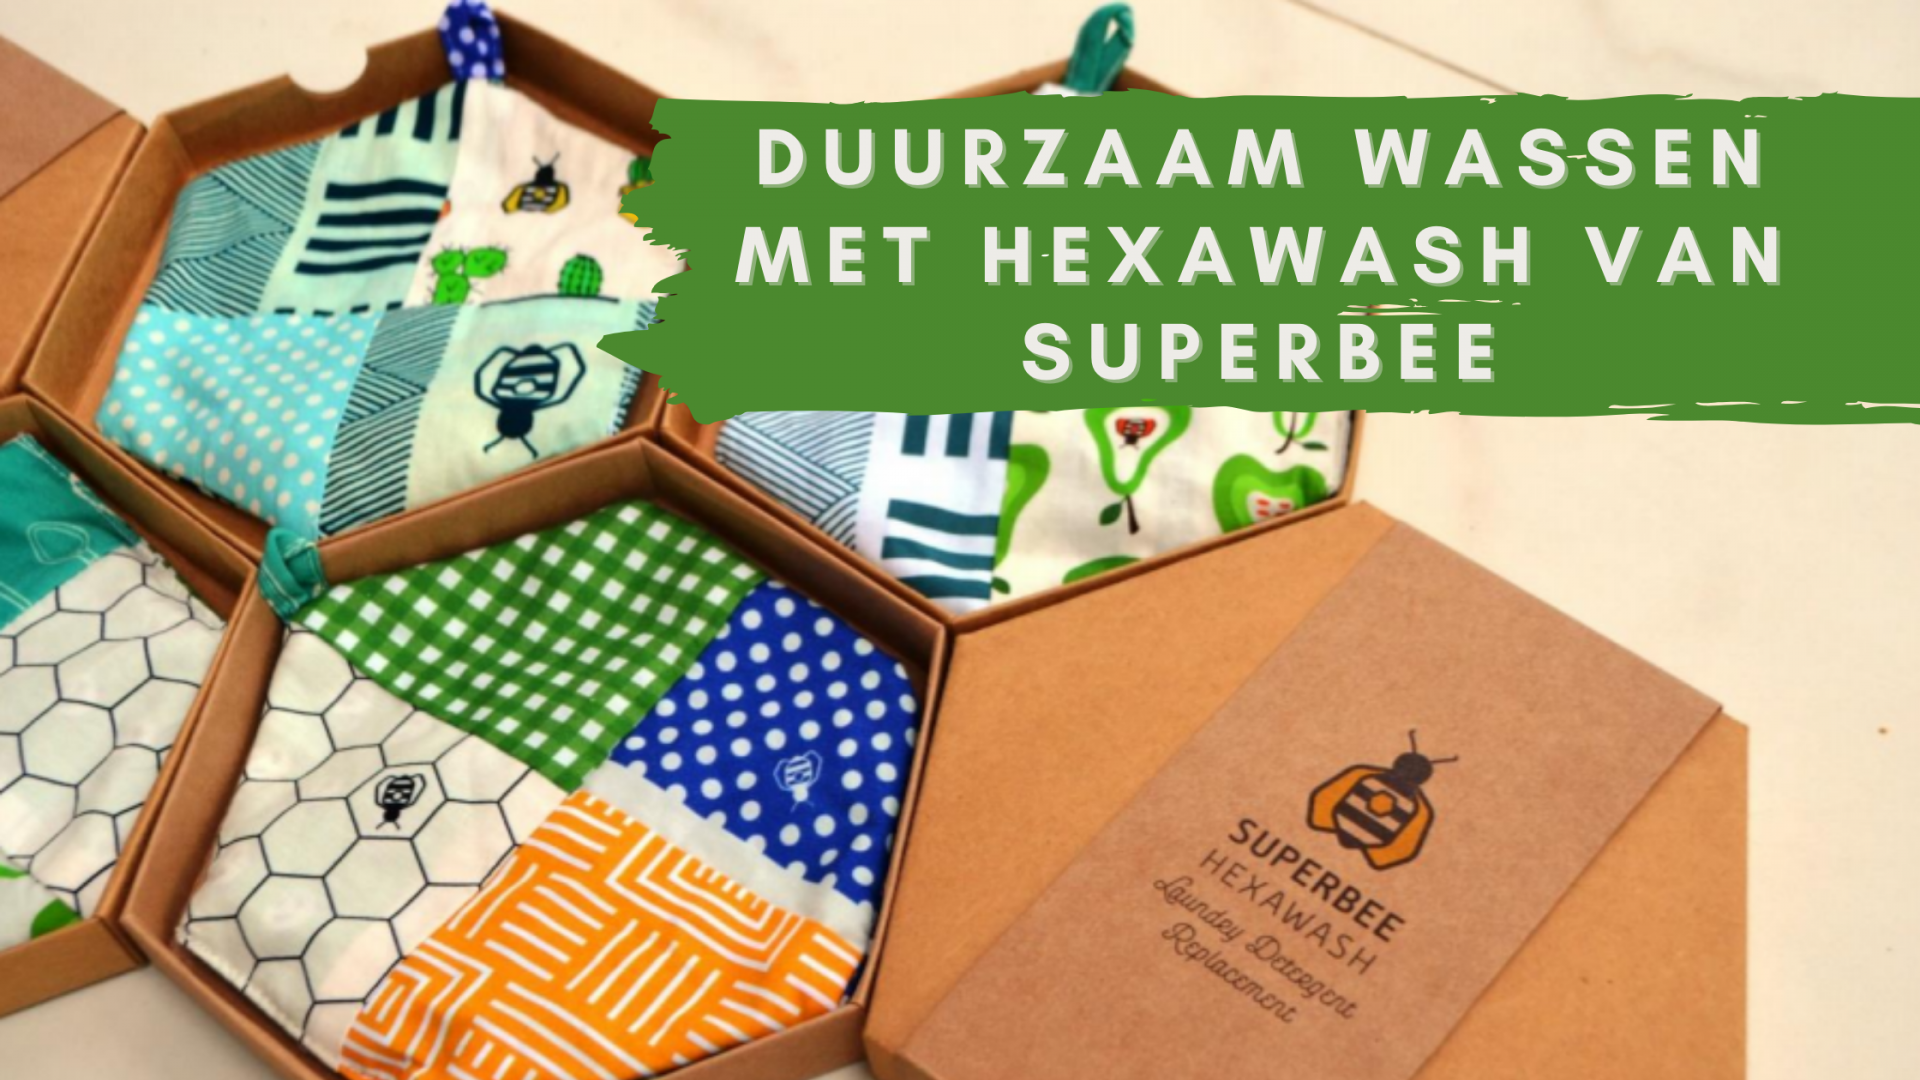 Duurzaam wassen met Hexawash van Superbee